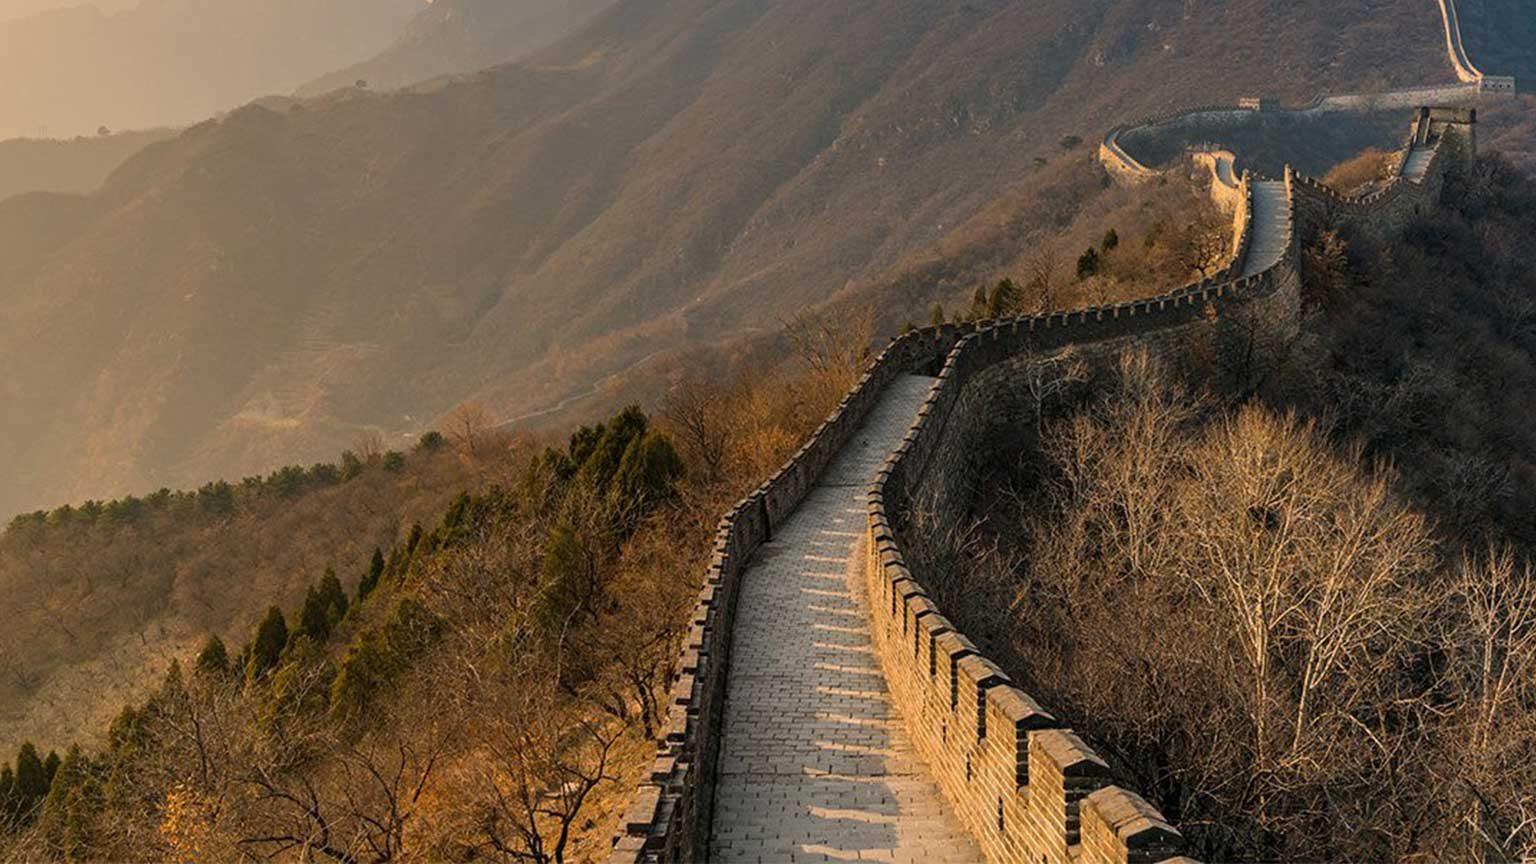 Great Wall of China at dusk